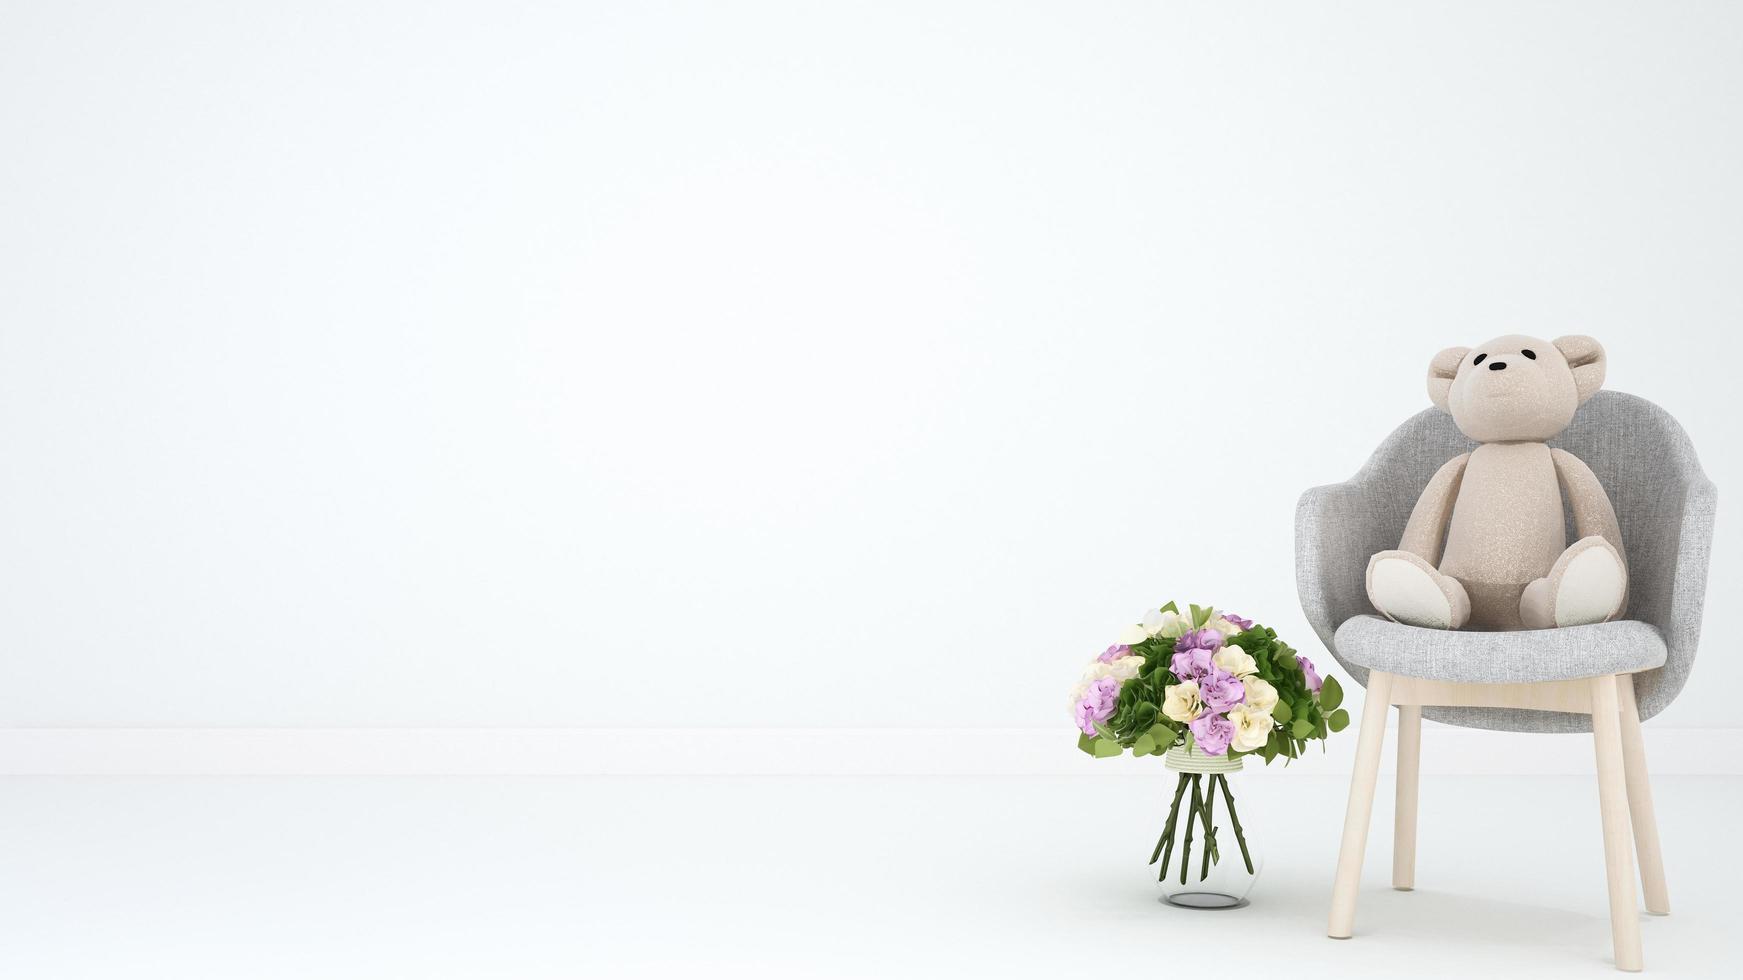 Teddybär auf Sessel und Blume für Kunstwerke foto